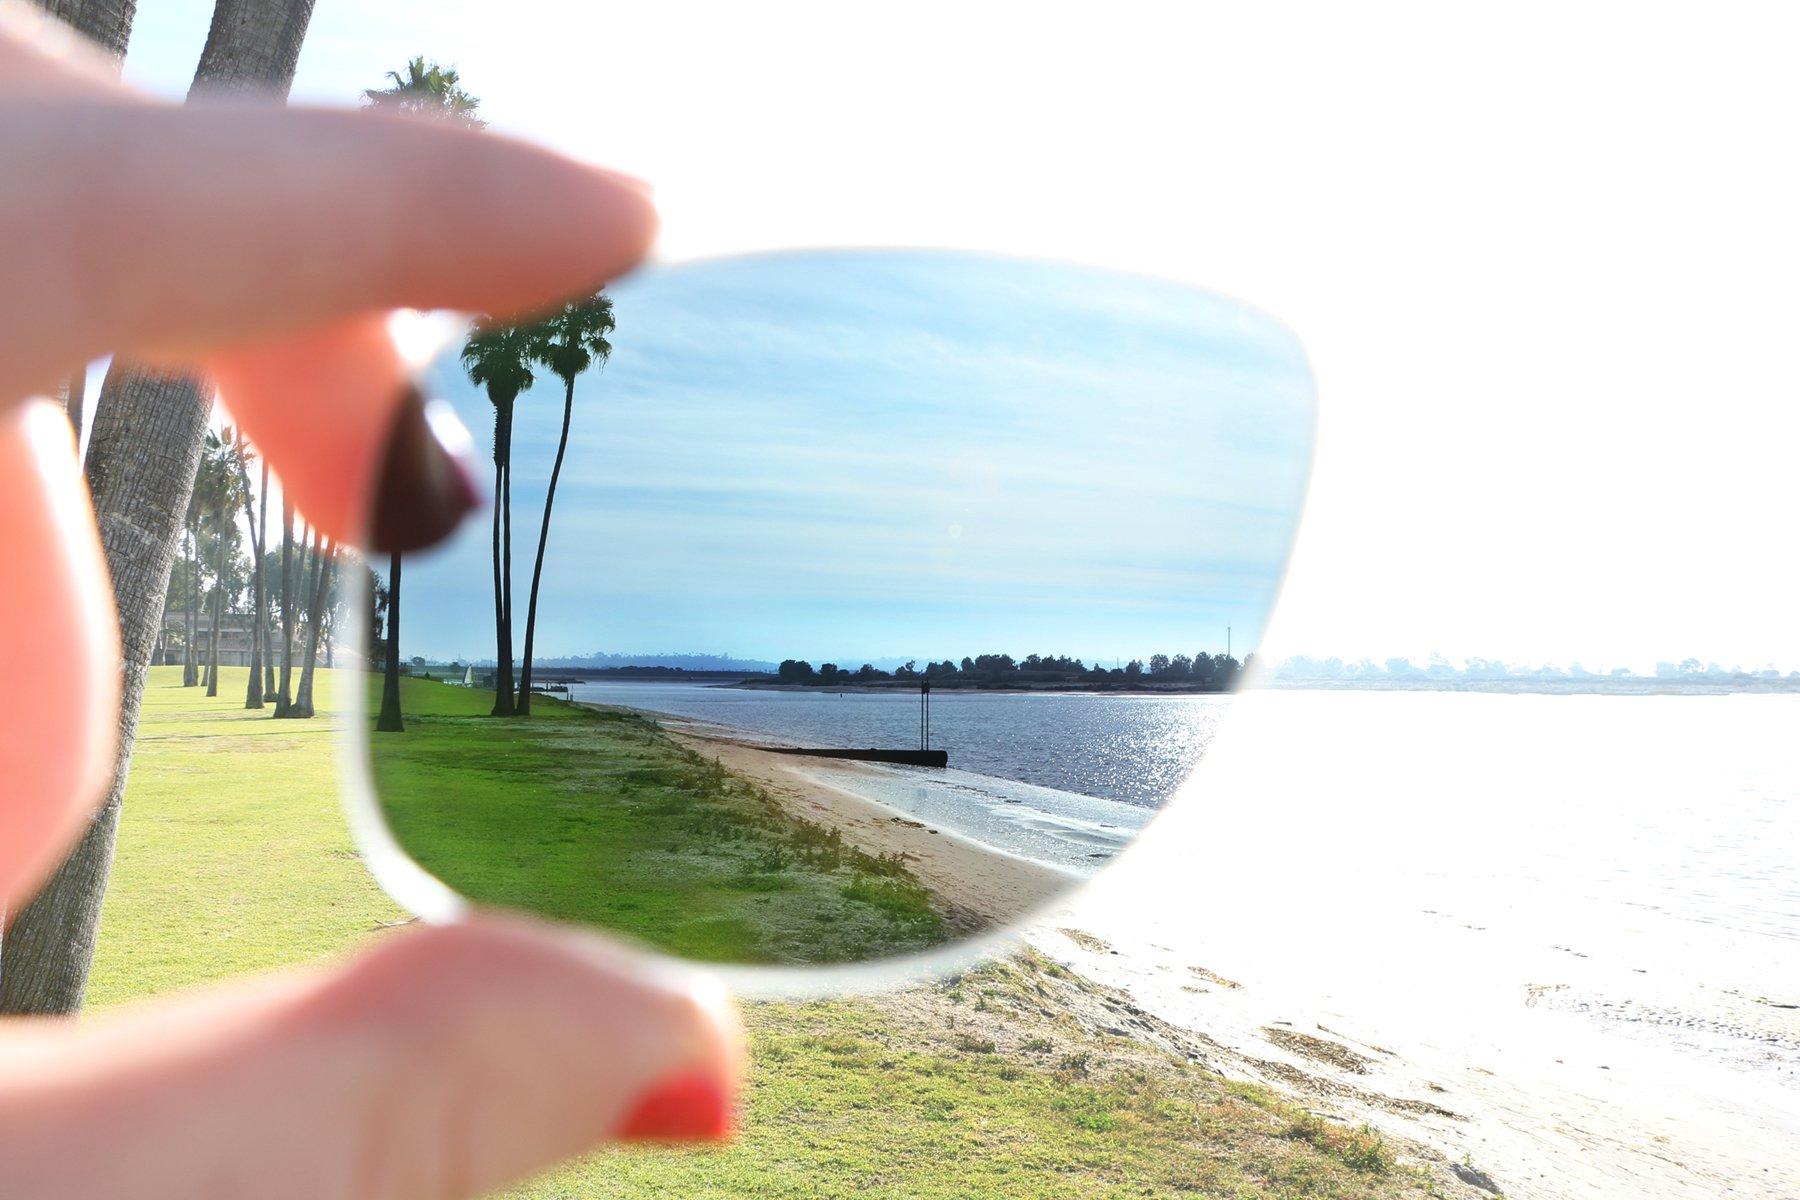 161e36bd5 LENTES POLARIZADAS: DESCUBRA AS VANTAGENS - Opticenter - Óculos ao Preço  Certo!